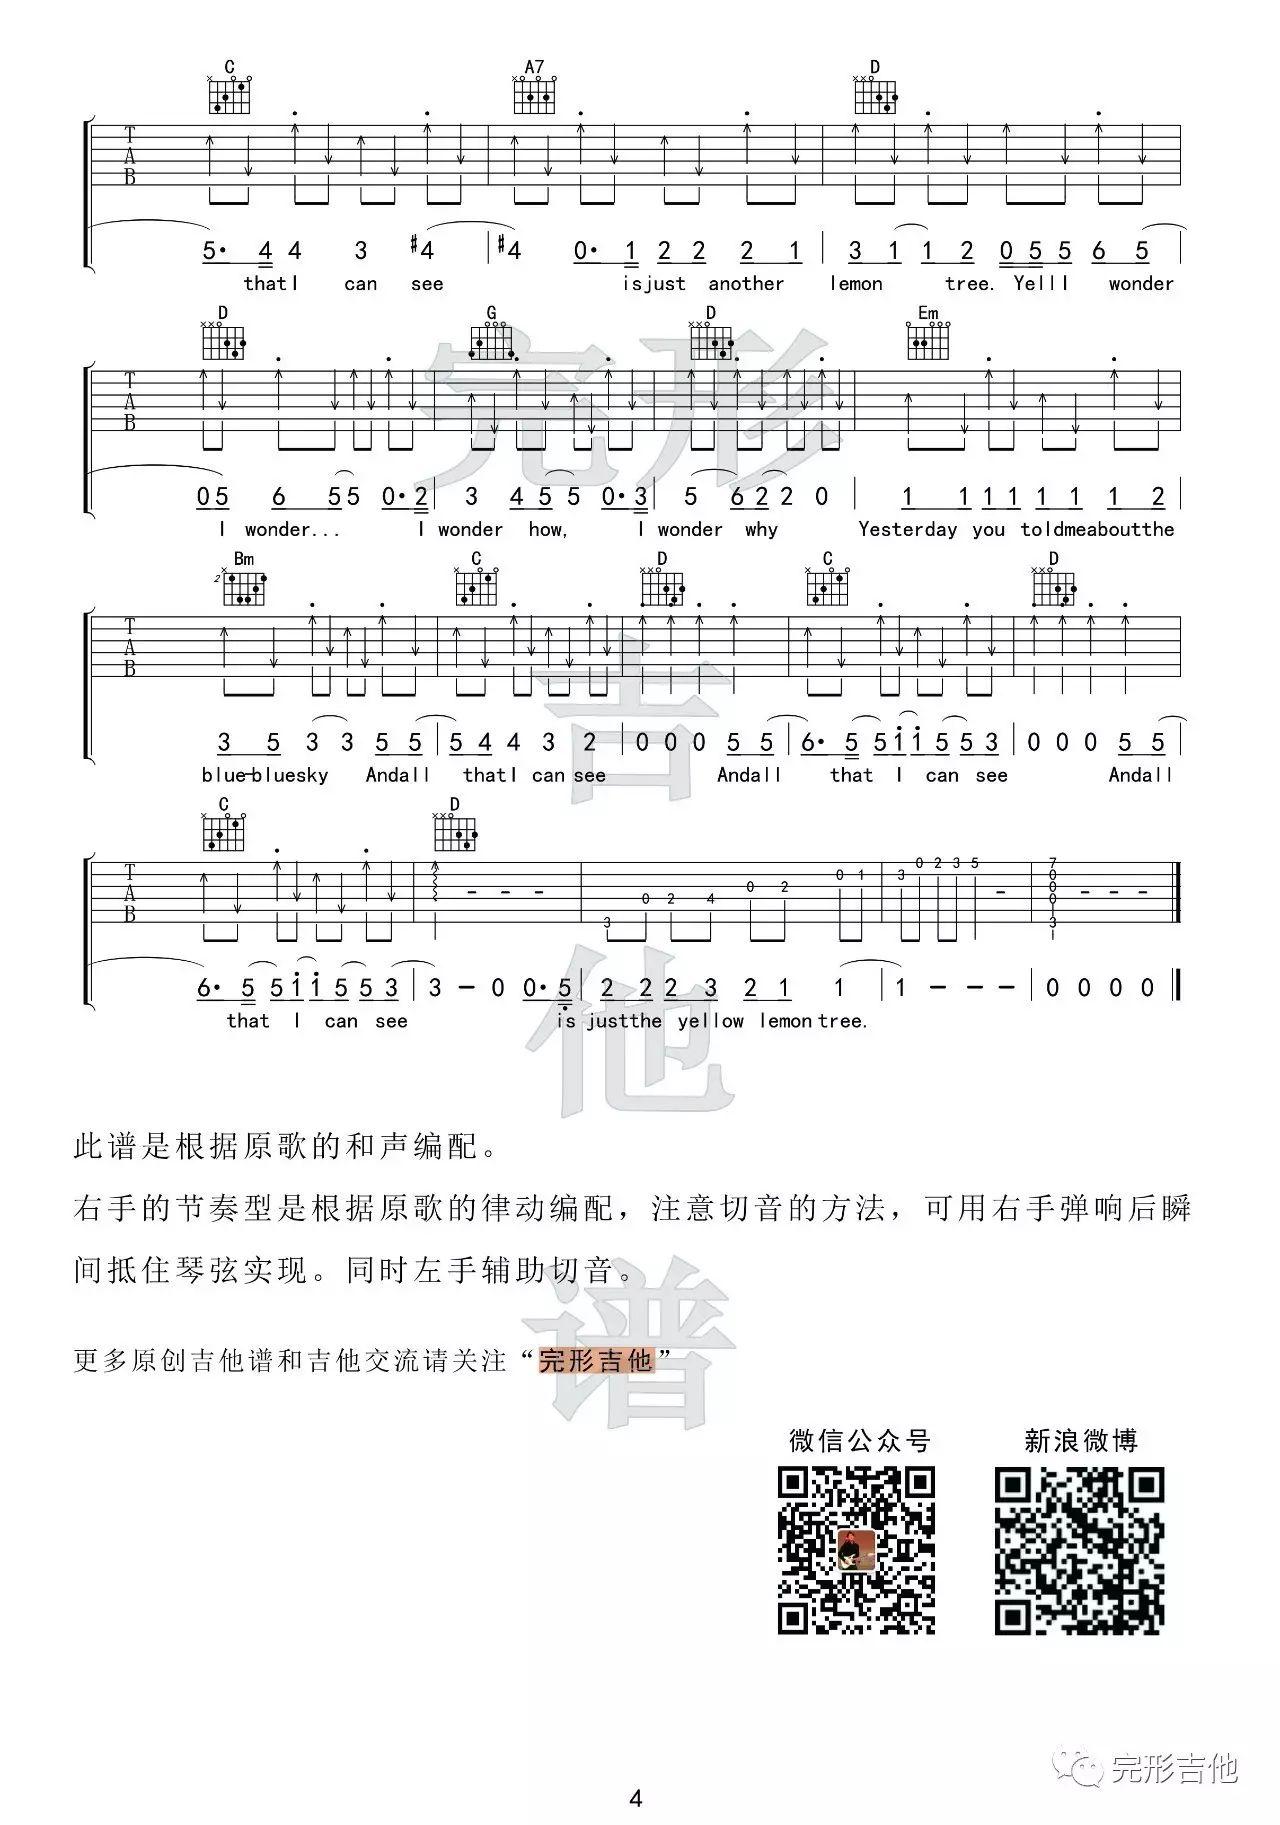 吉他派《Lemon Tree(柠檬树)》吉他谱-4